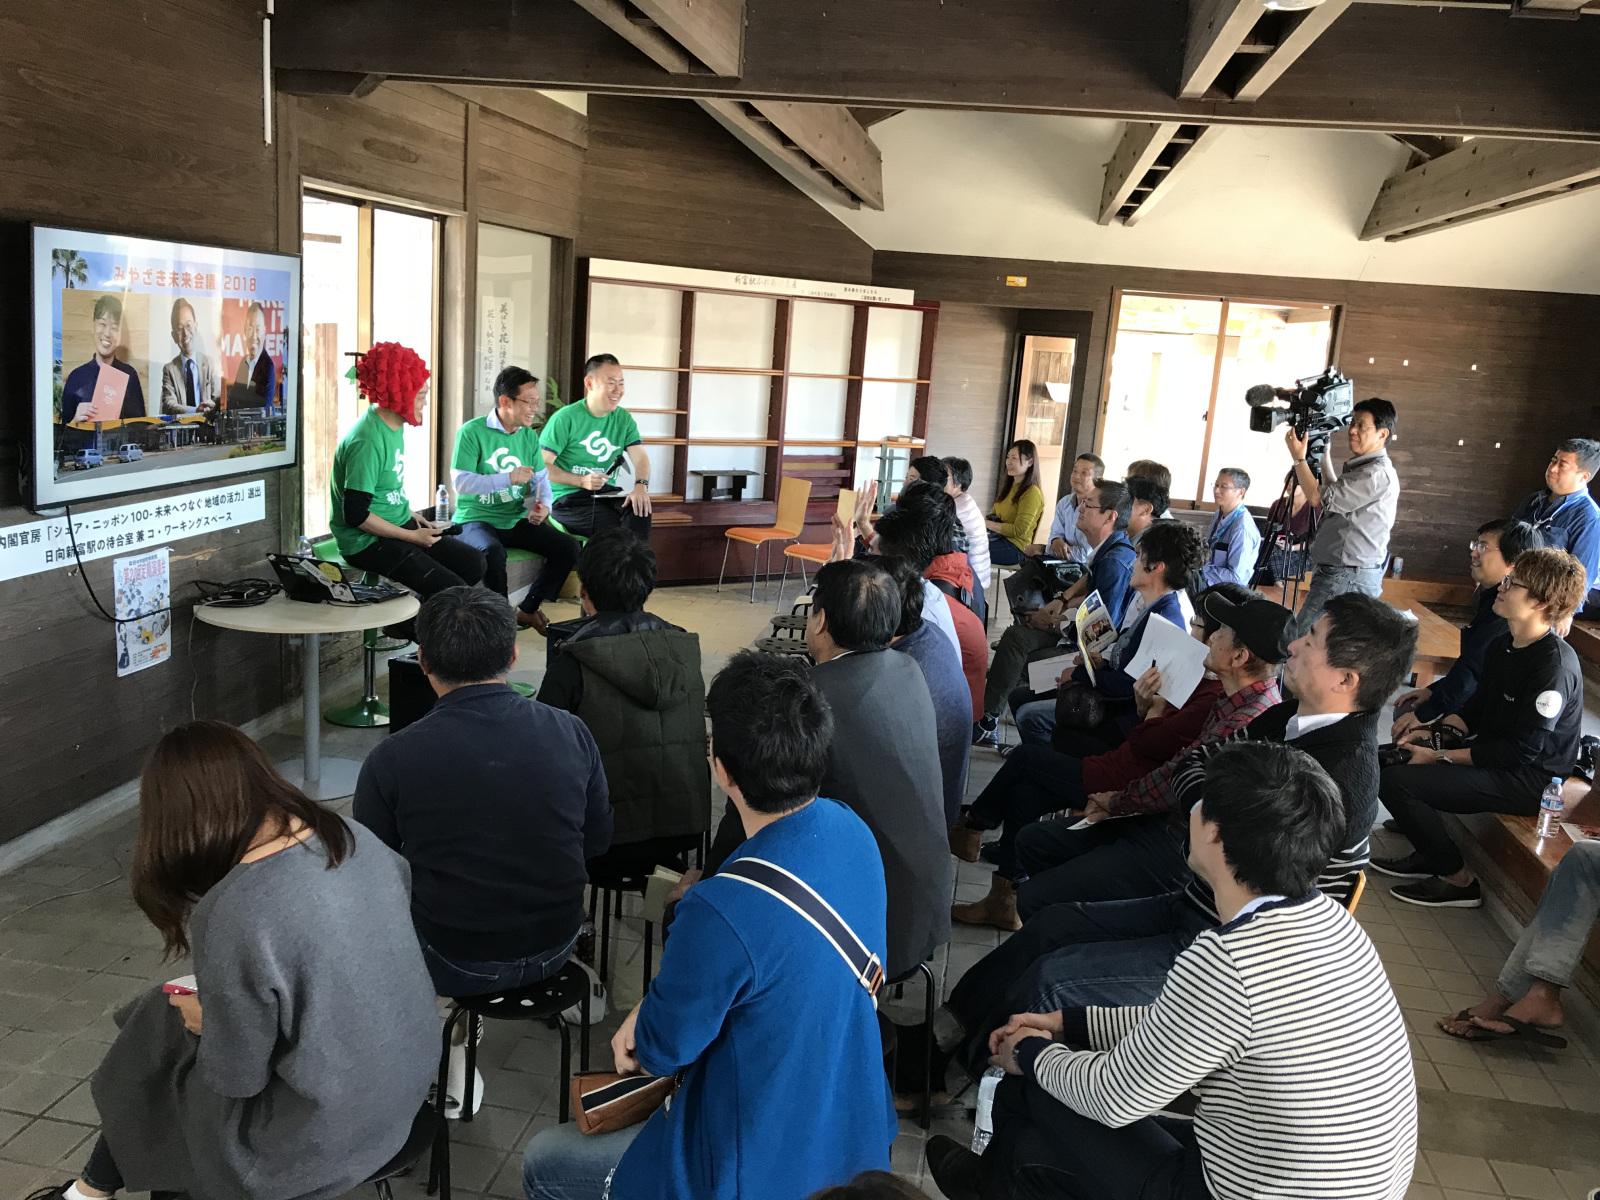 JR日向新富駅の待合室で実施したトークイベント。その面白さからテレビ取材も入ってくださいました。